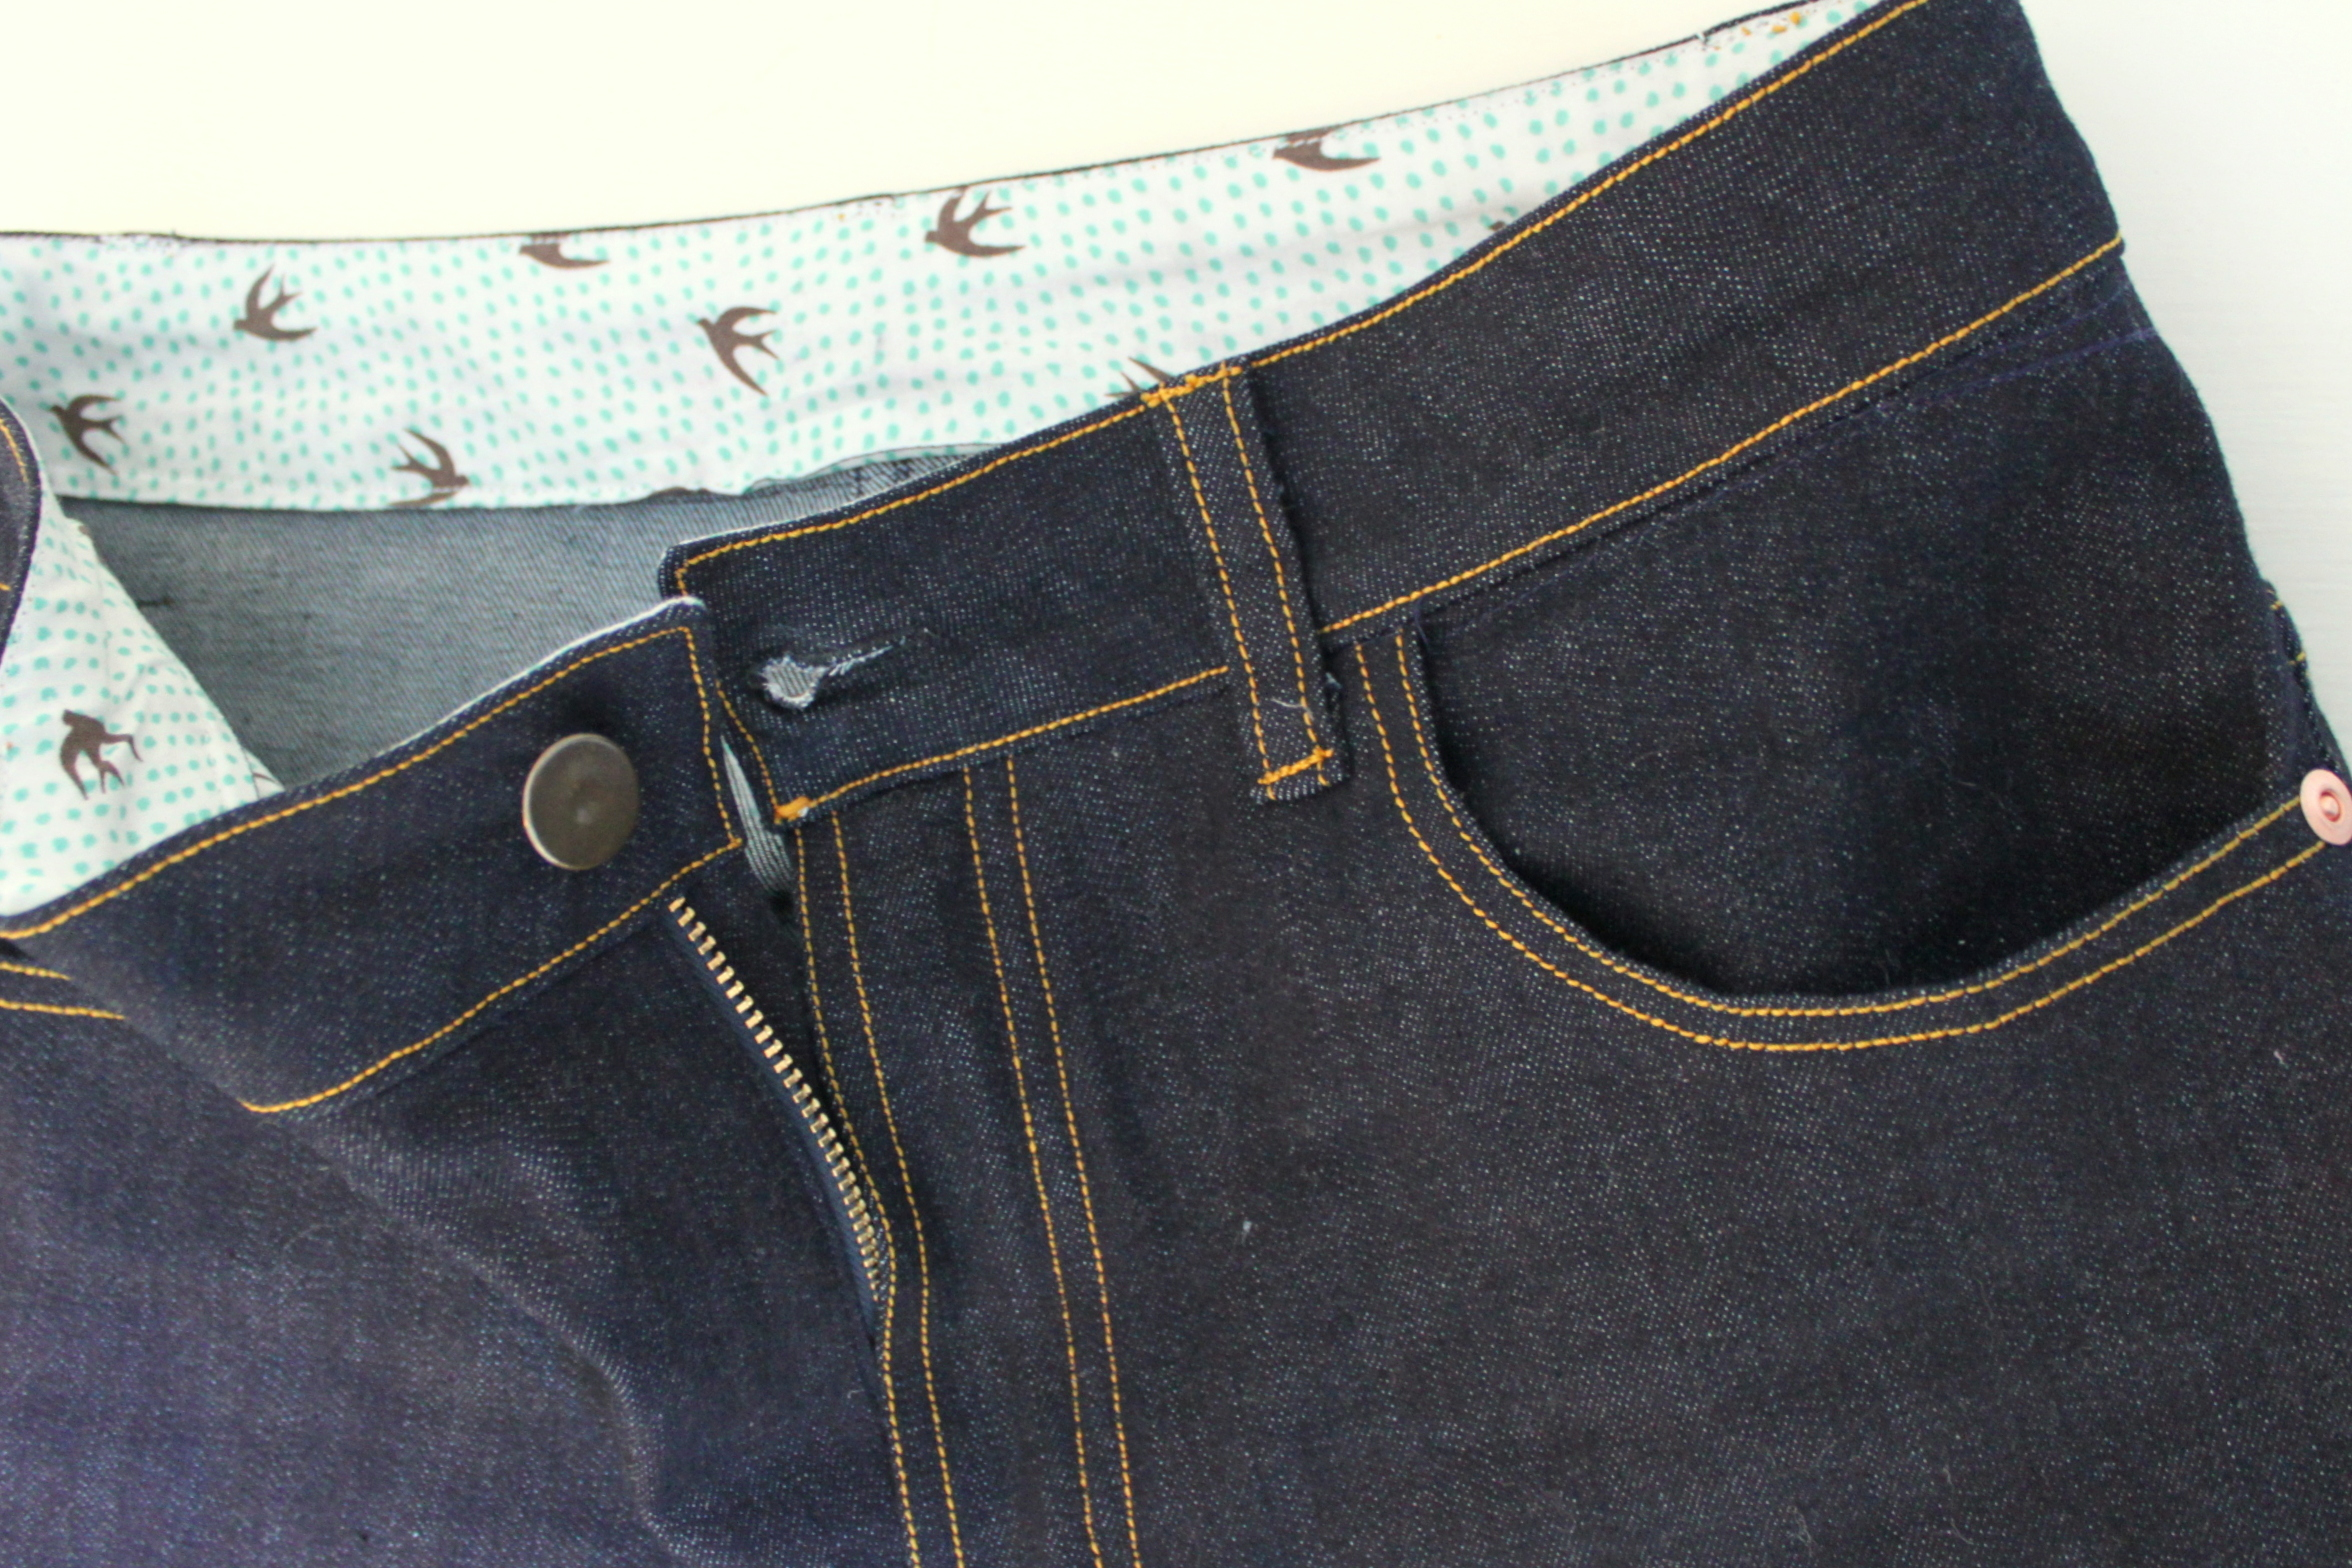 Ginger jeans guts 6.jpg